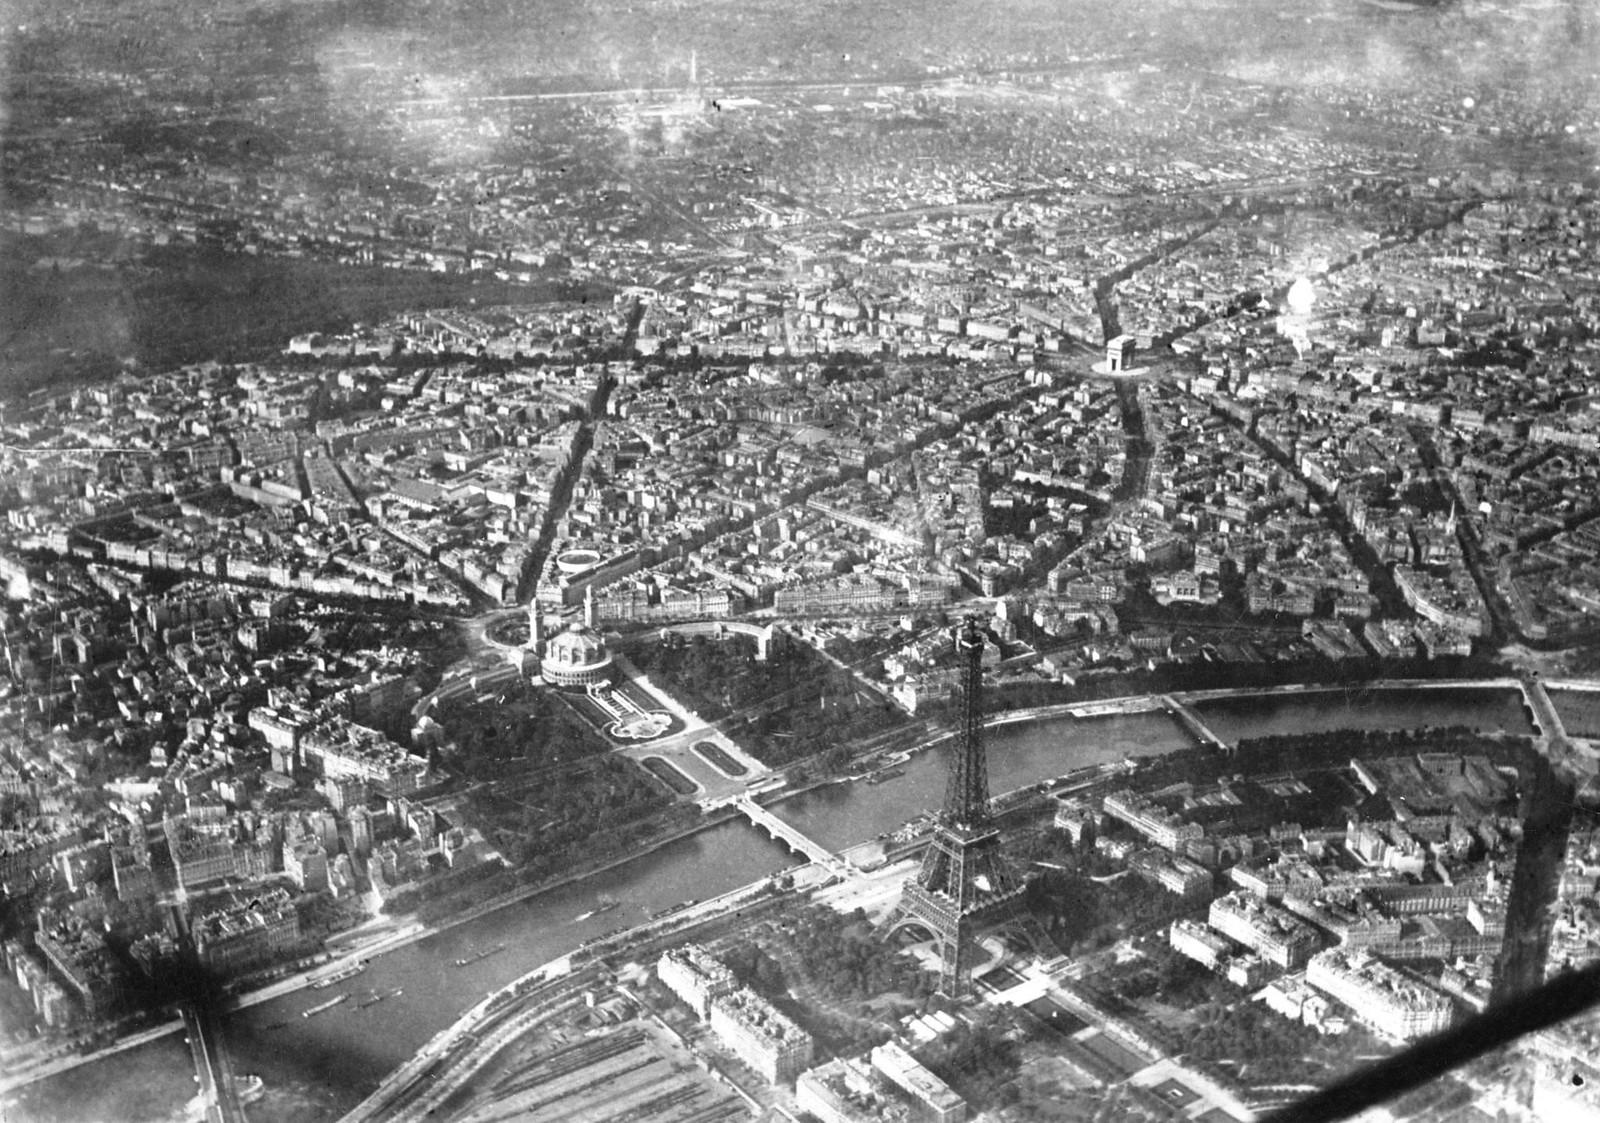 04. 1936. Аэрофотоснимок Парижа Эйфелева башня и Дворец Трокадеро на правом берегу Сены (в центре слева), сентябрь